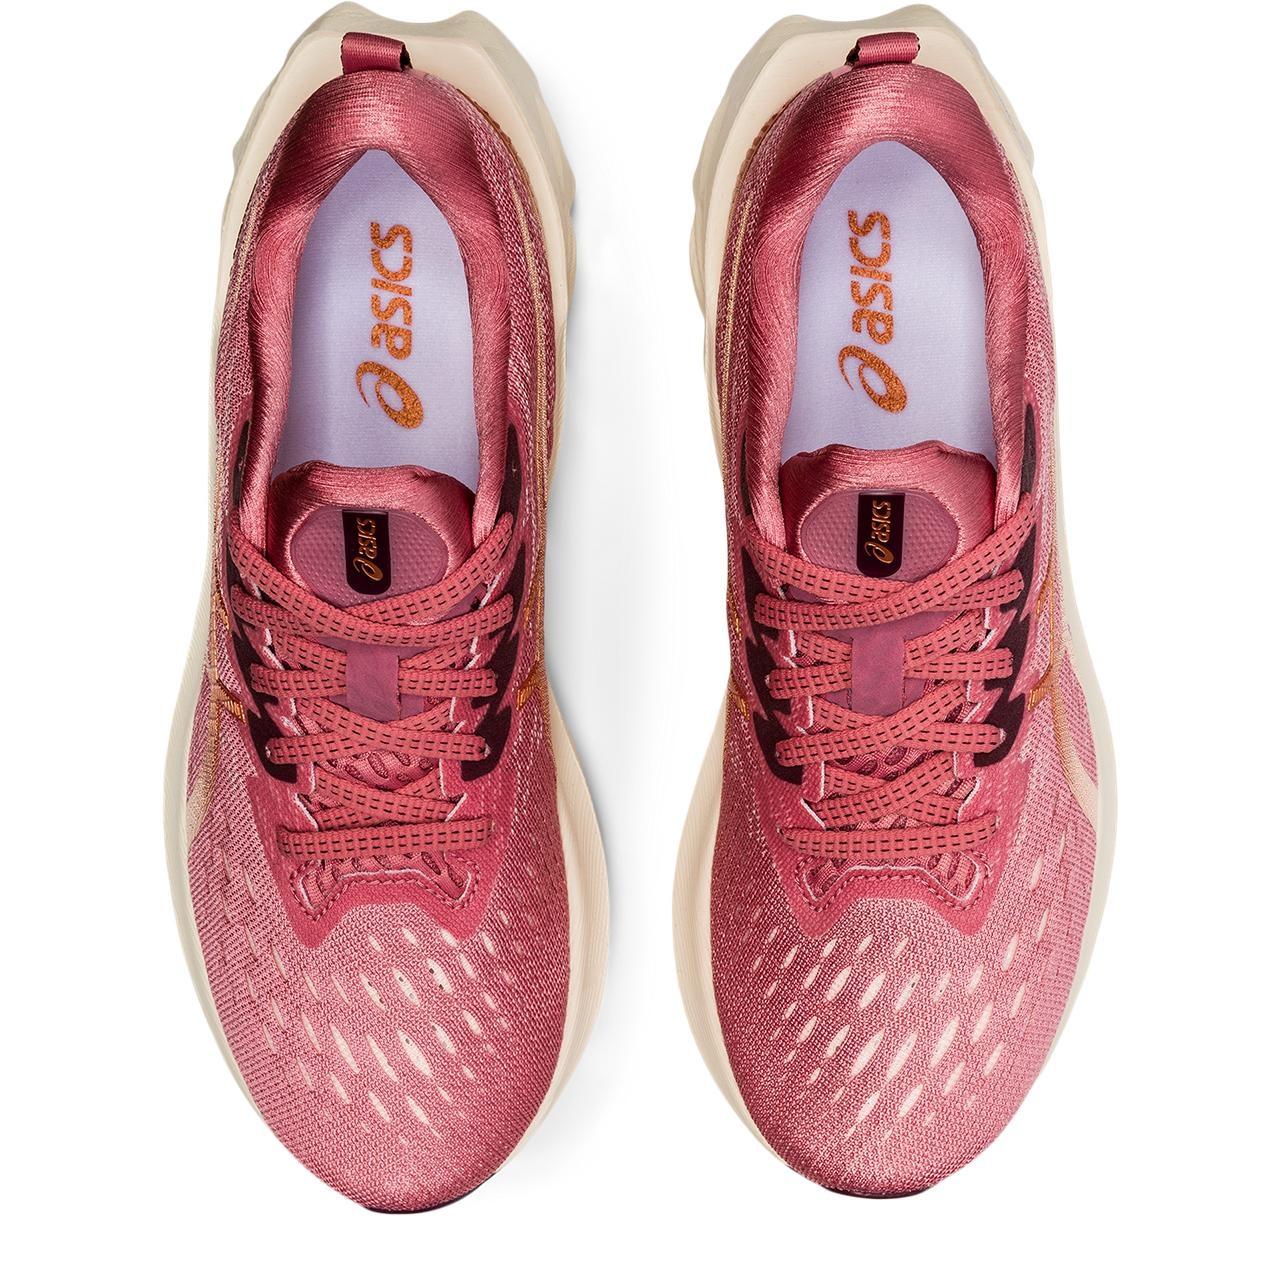 Bild von asics Novablast 2 Damen Laufschuh - smokey rose/pure bronze